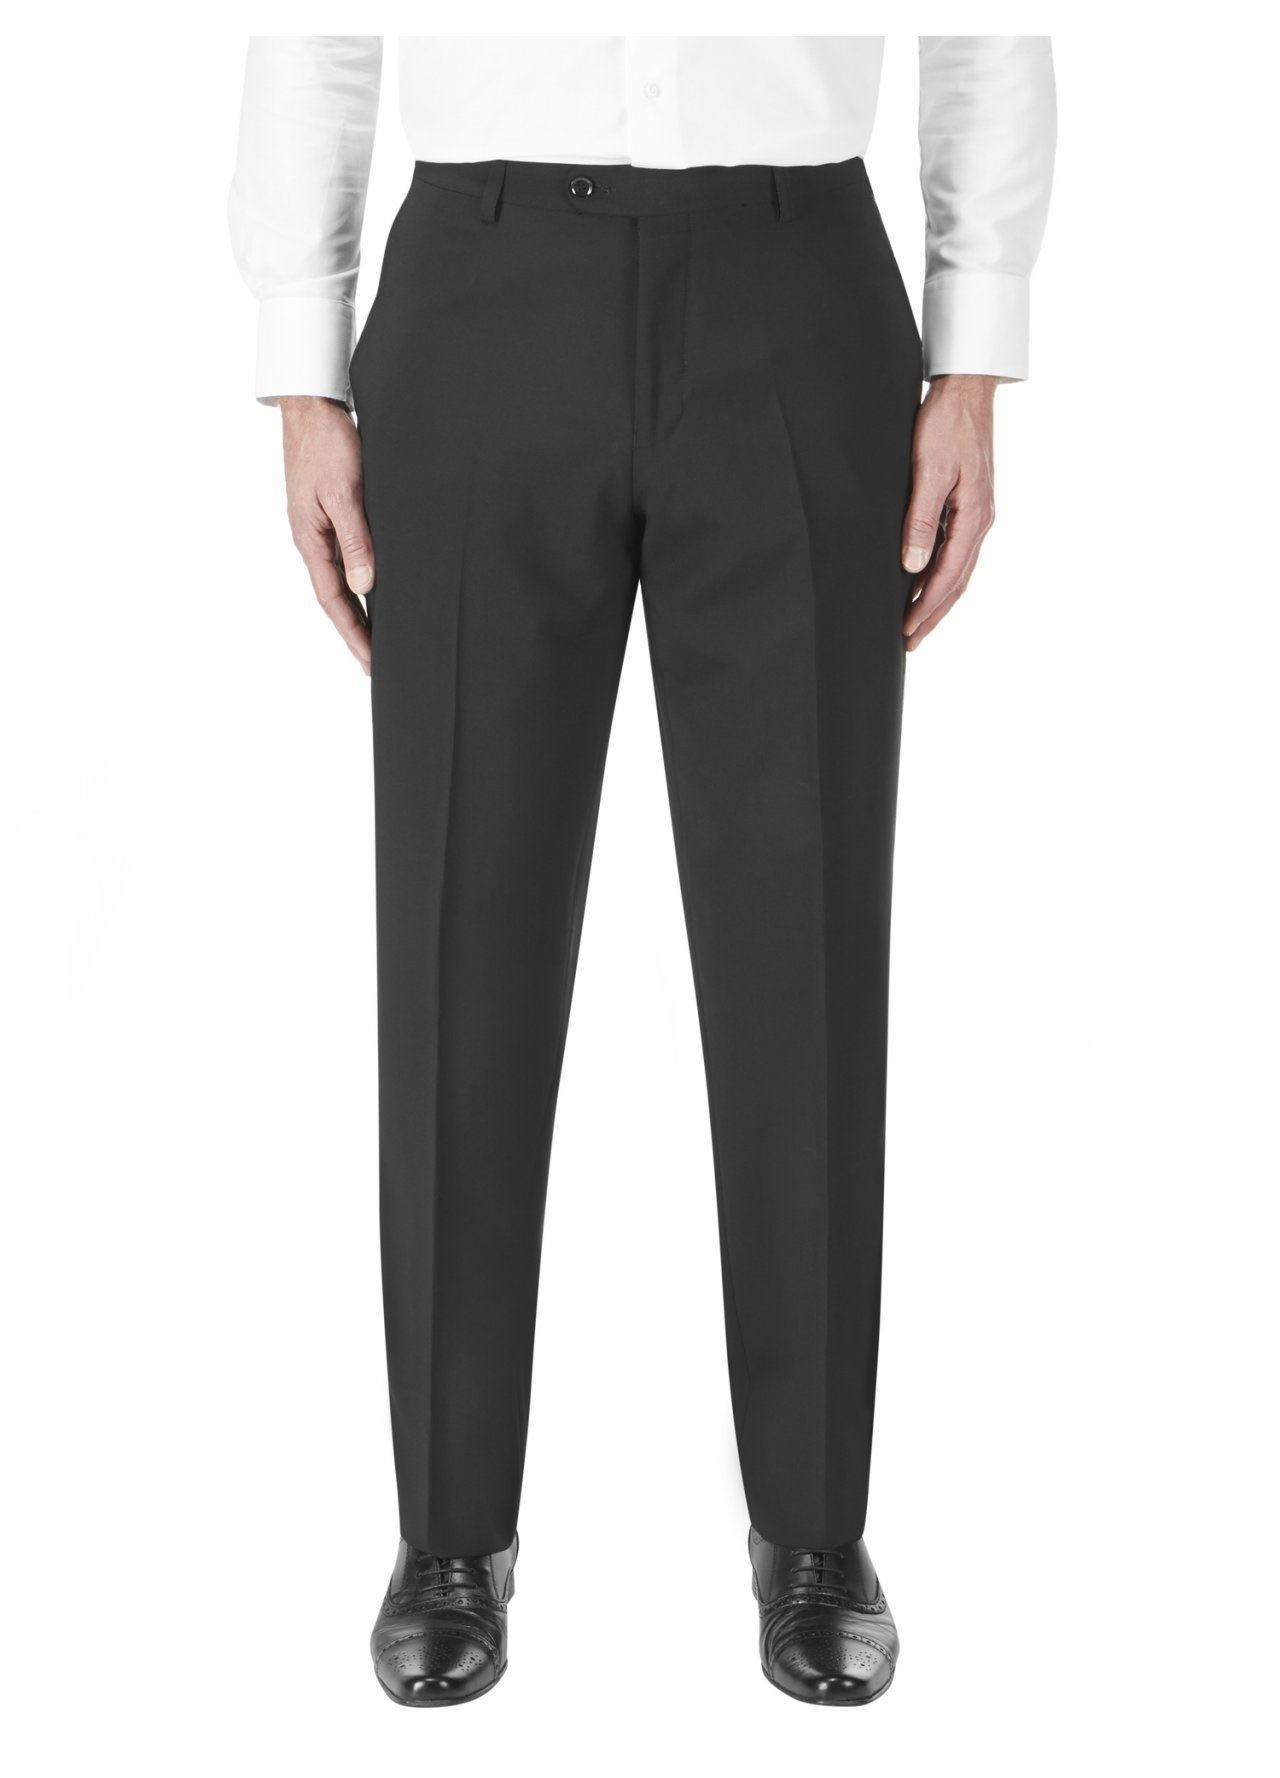 Darwin Skopes 30 r En Dans S l 60 Taille La Noir Laine Pantalon Costume Riche FwtFqrCxS